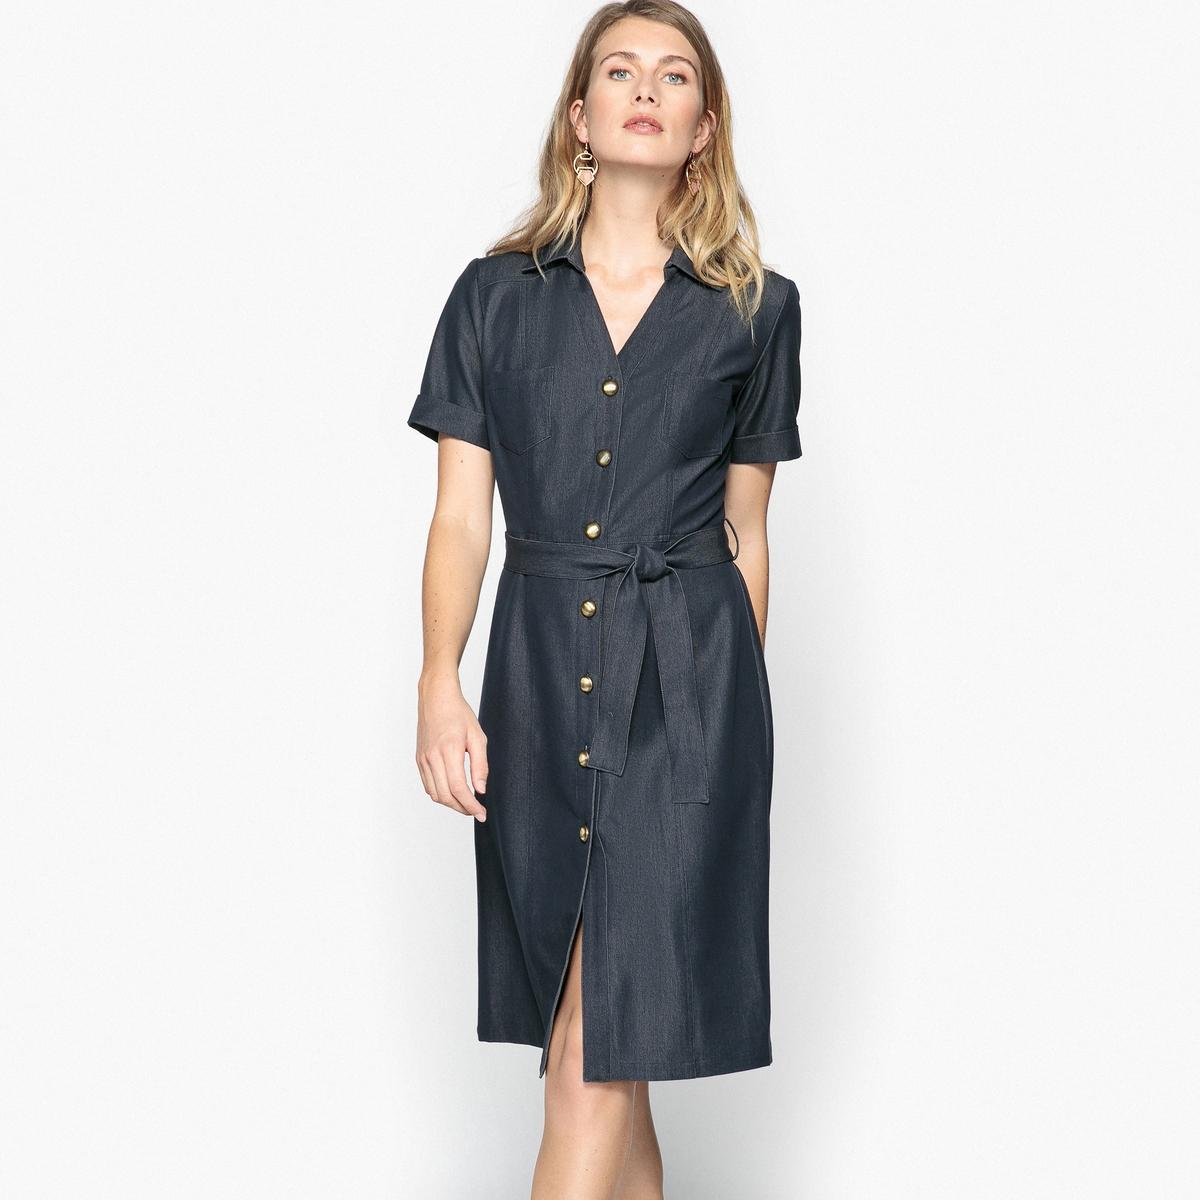 Sukienka rozkloszowana, komfortowa ze stretchem